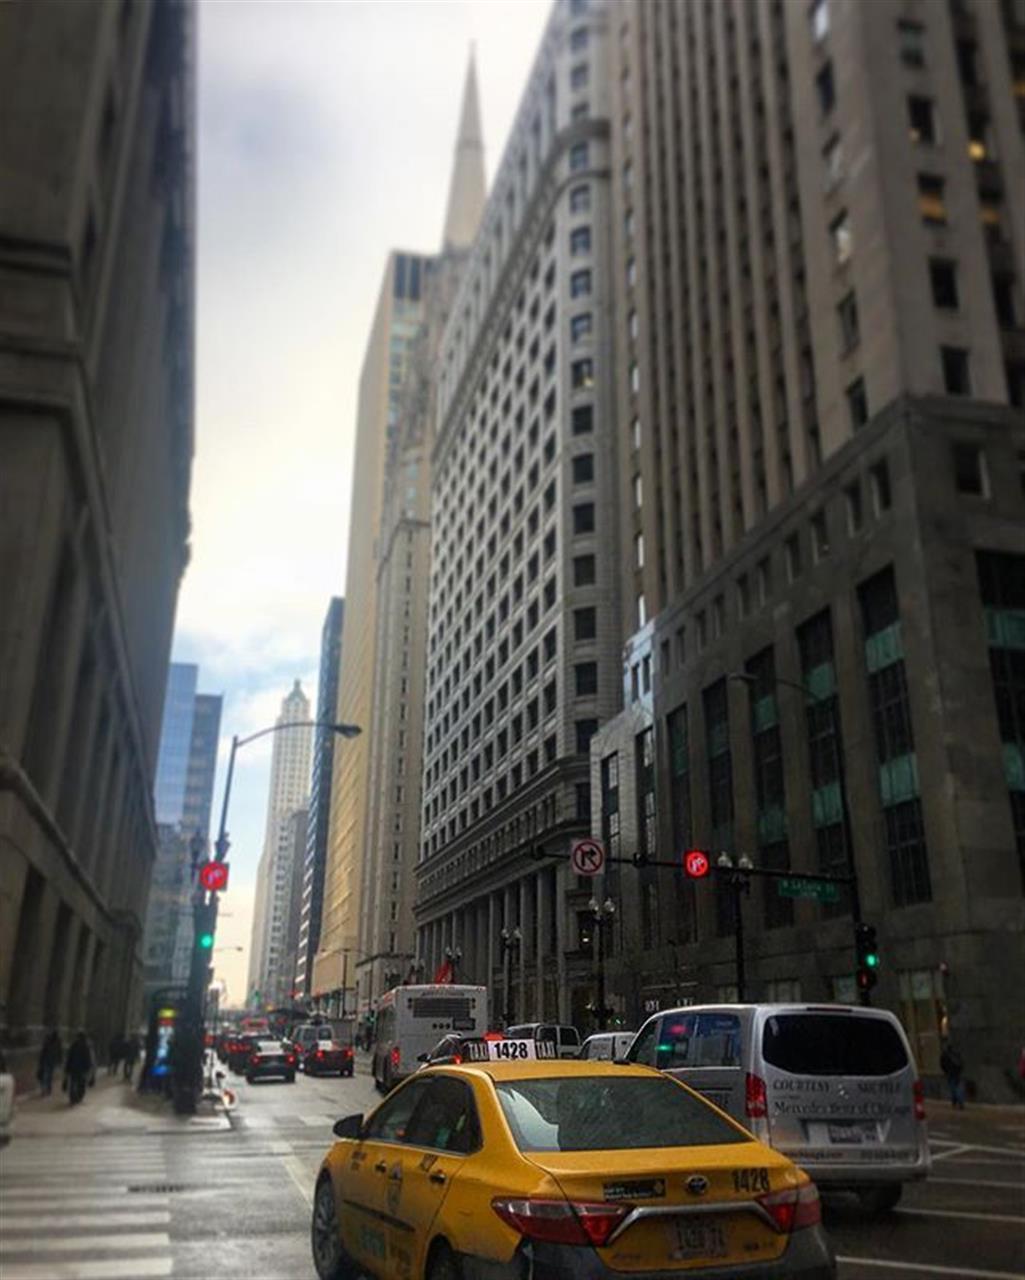 A corner in #Chicago's loop. #taxi #walkingtour #walktowork #loop #commute #leadingrelocal #bairdwarner #realestate